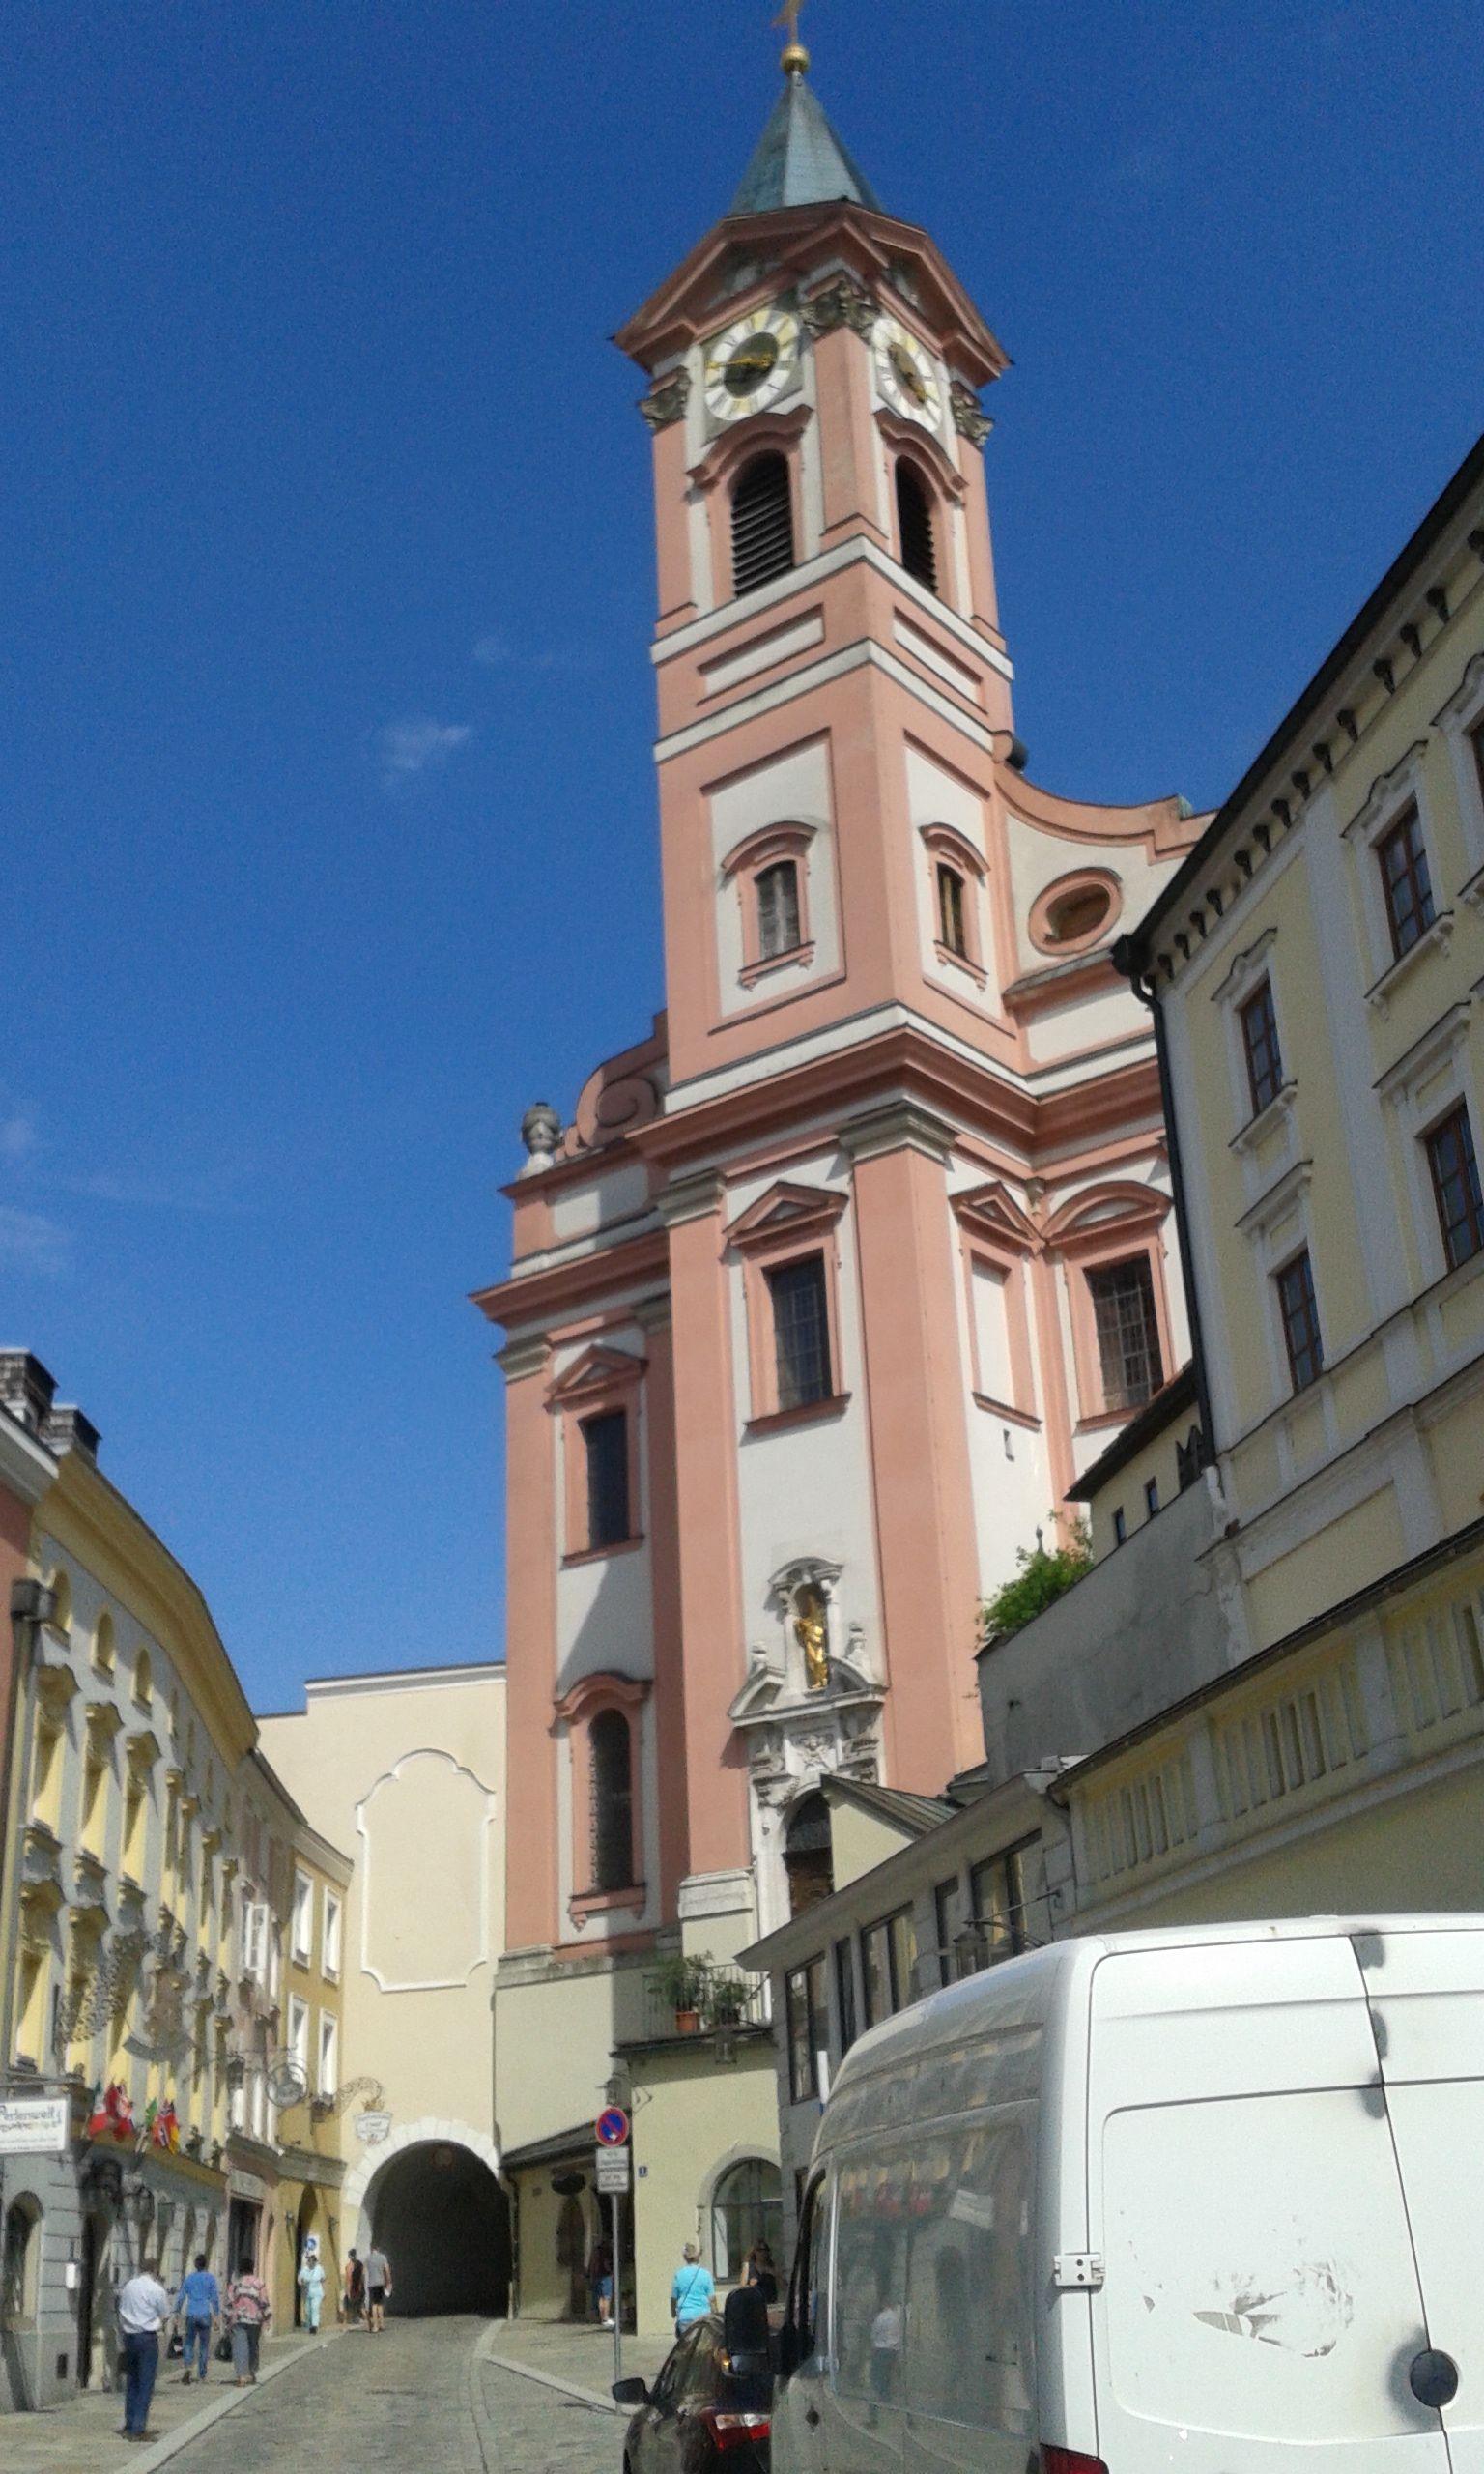 Paulus kapu és a Szent Pál templom